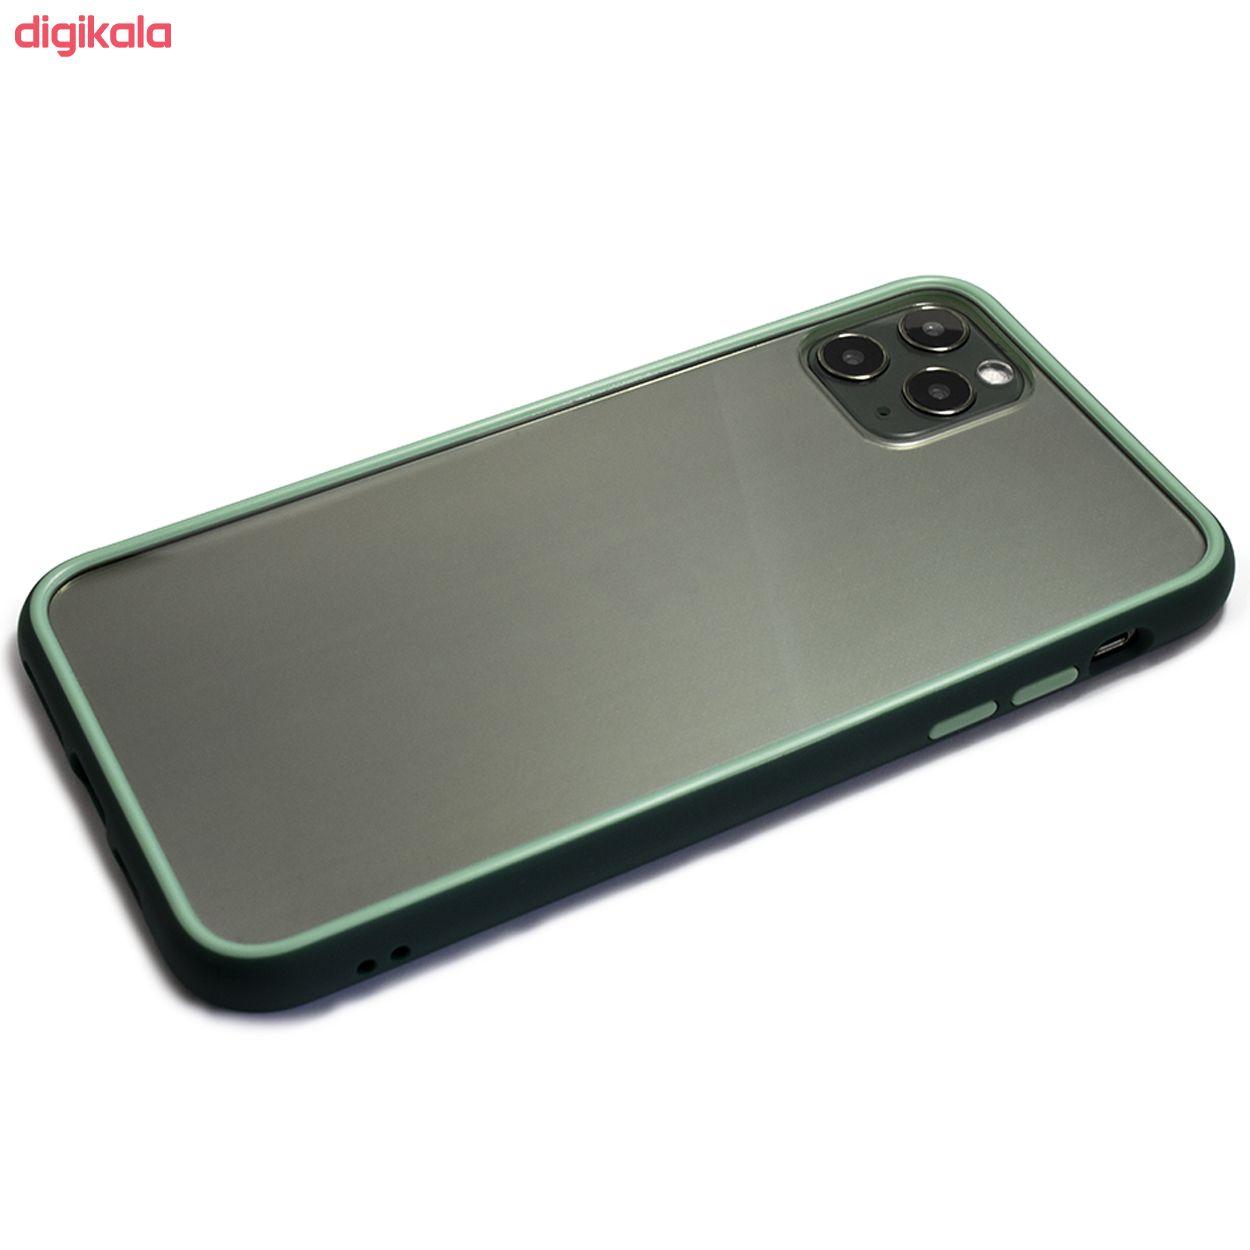 کاور مجیک مسک مدل Barbados مناسب برای گوشی موبایل اپل IPhone 11 Pro Max main 1 2